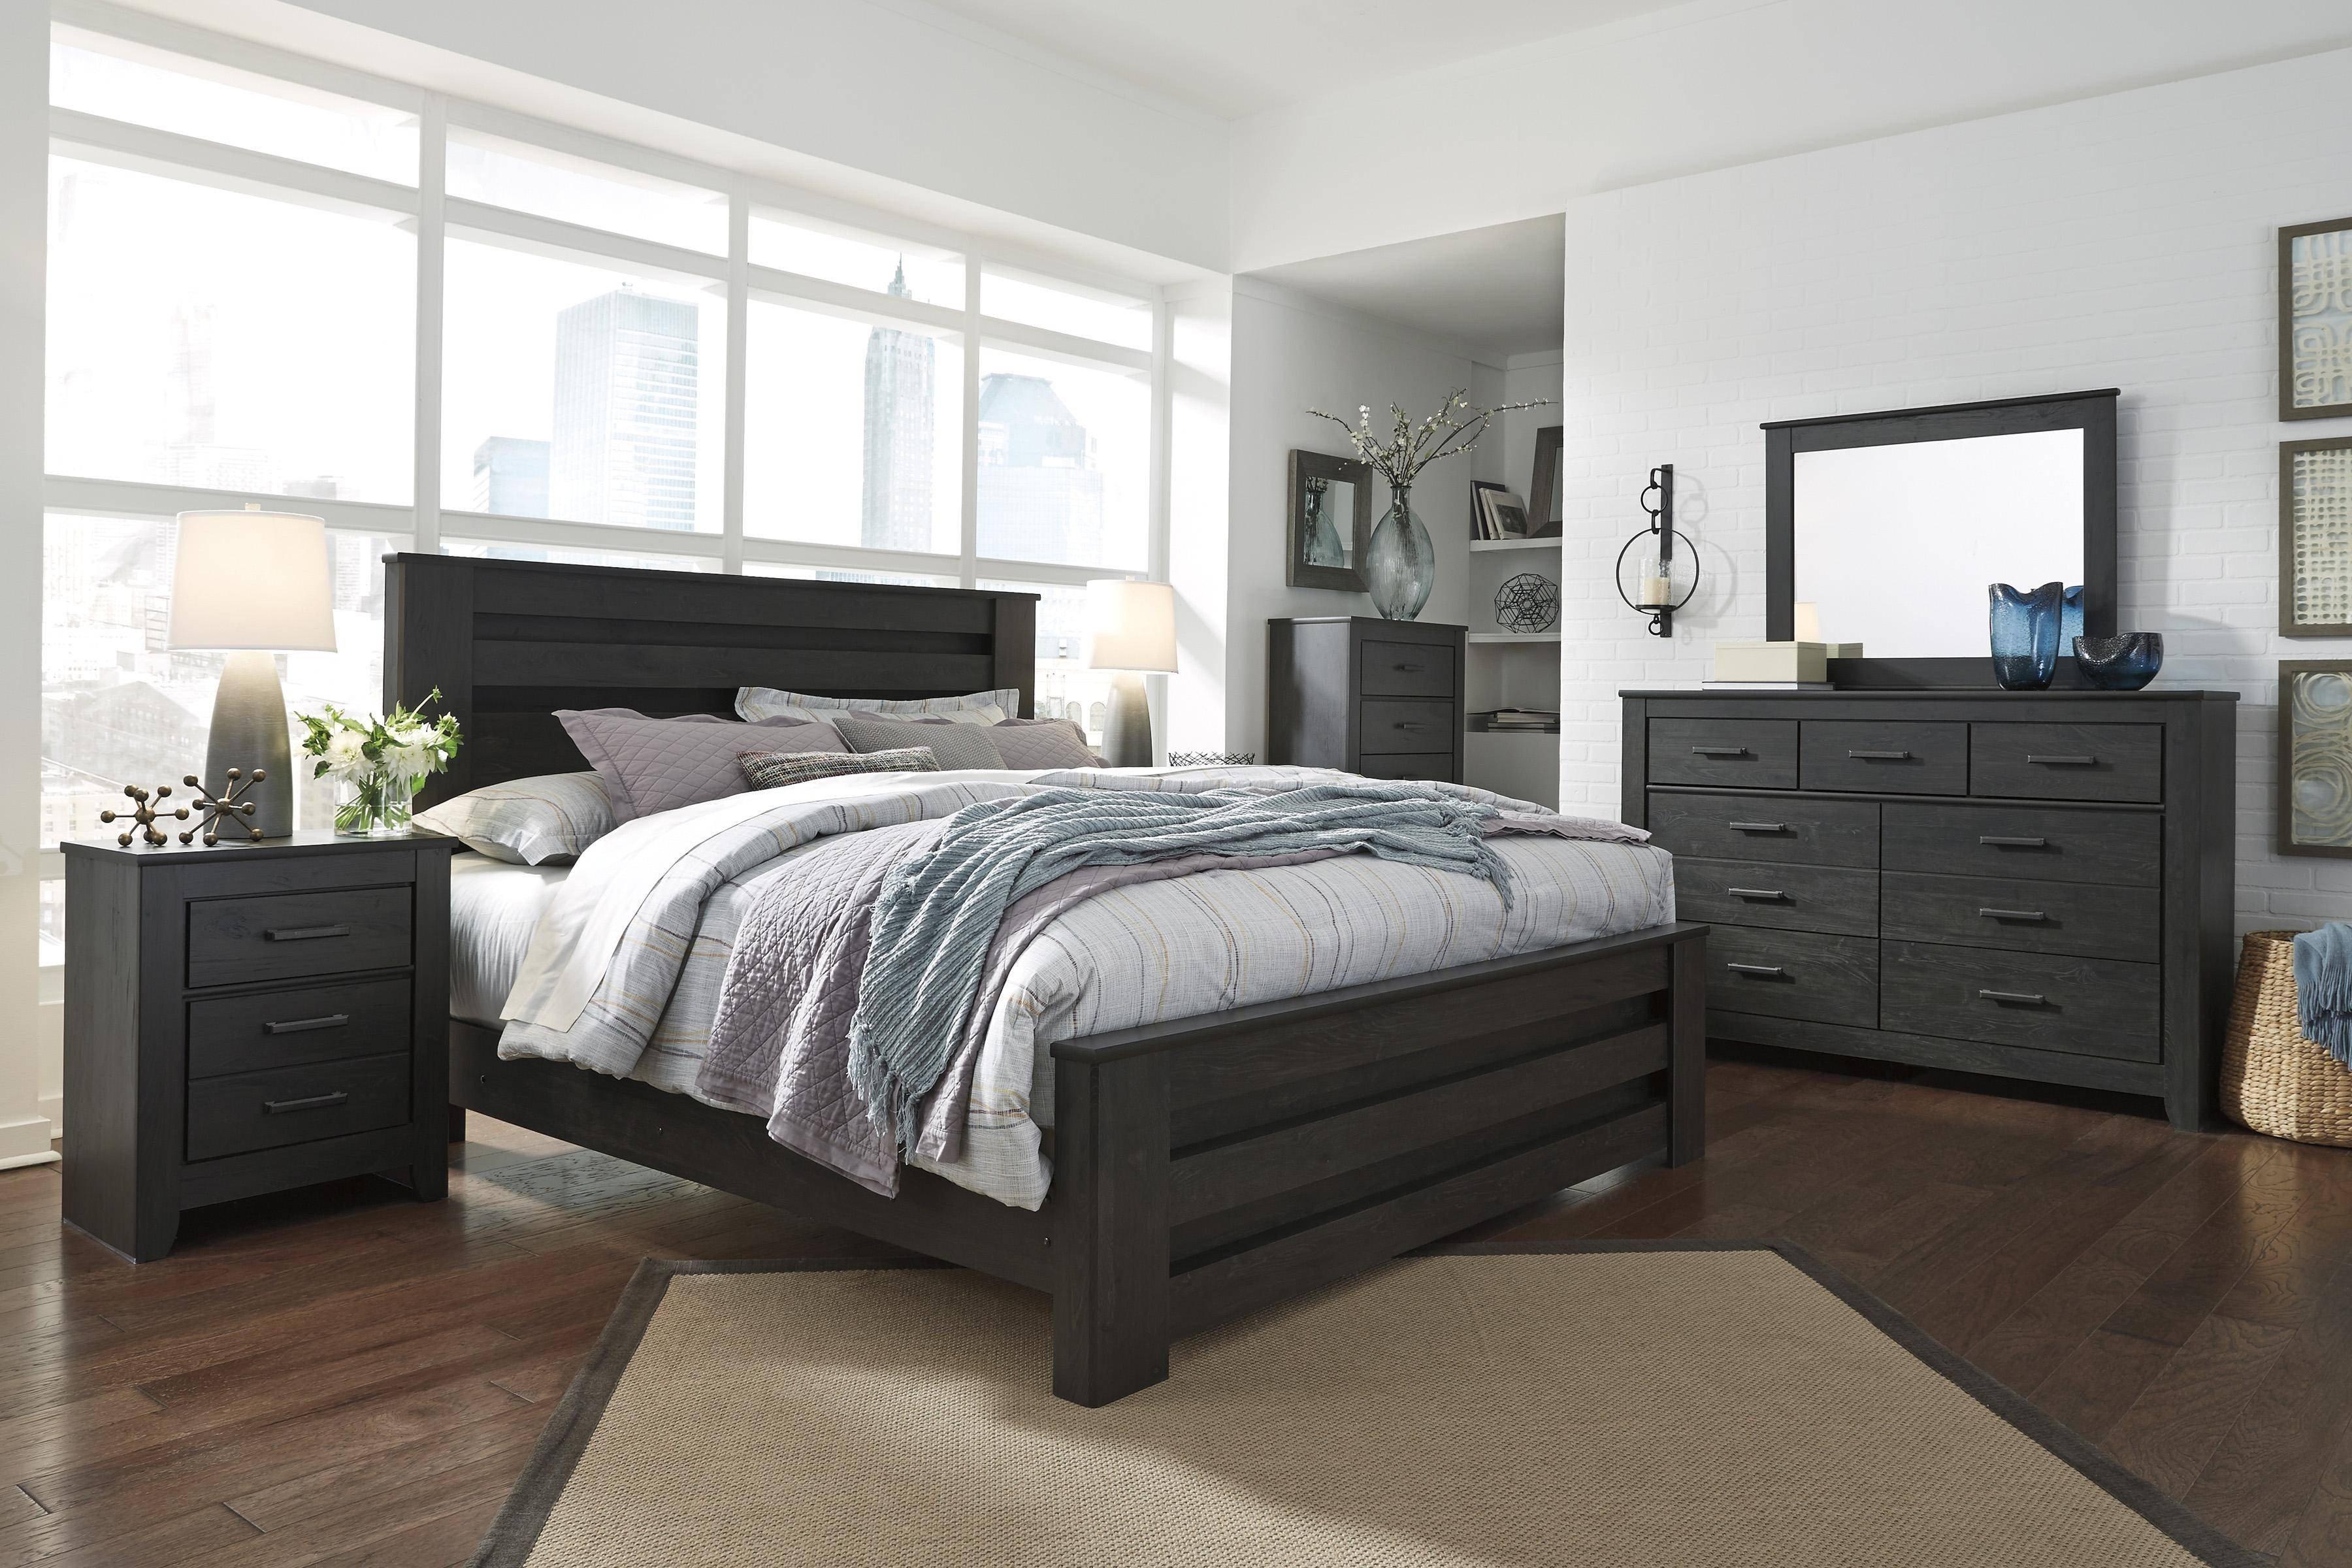 King Size Bedroom Set for Sale Inspirational ashley Brinxton B249 King Size Platform Bedroom Set 5pcs In